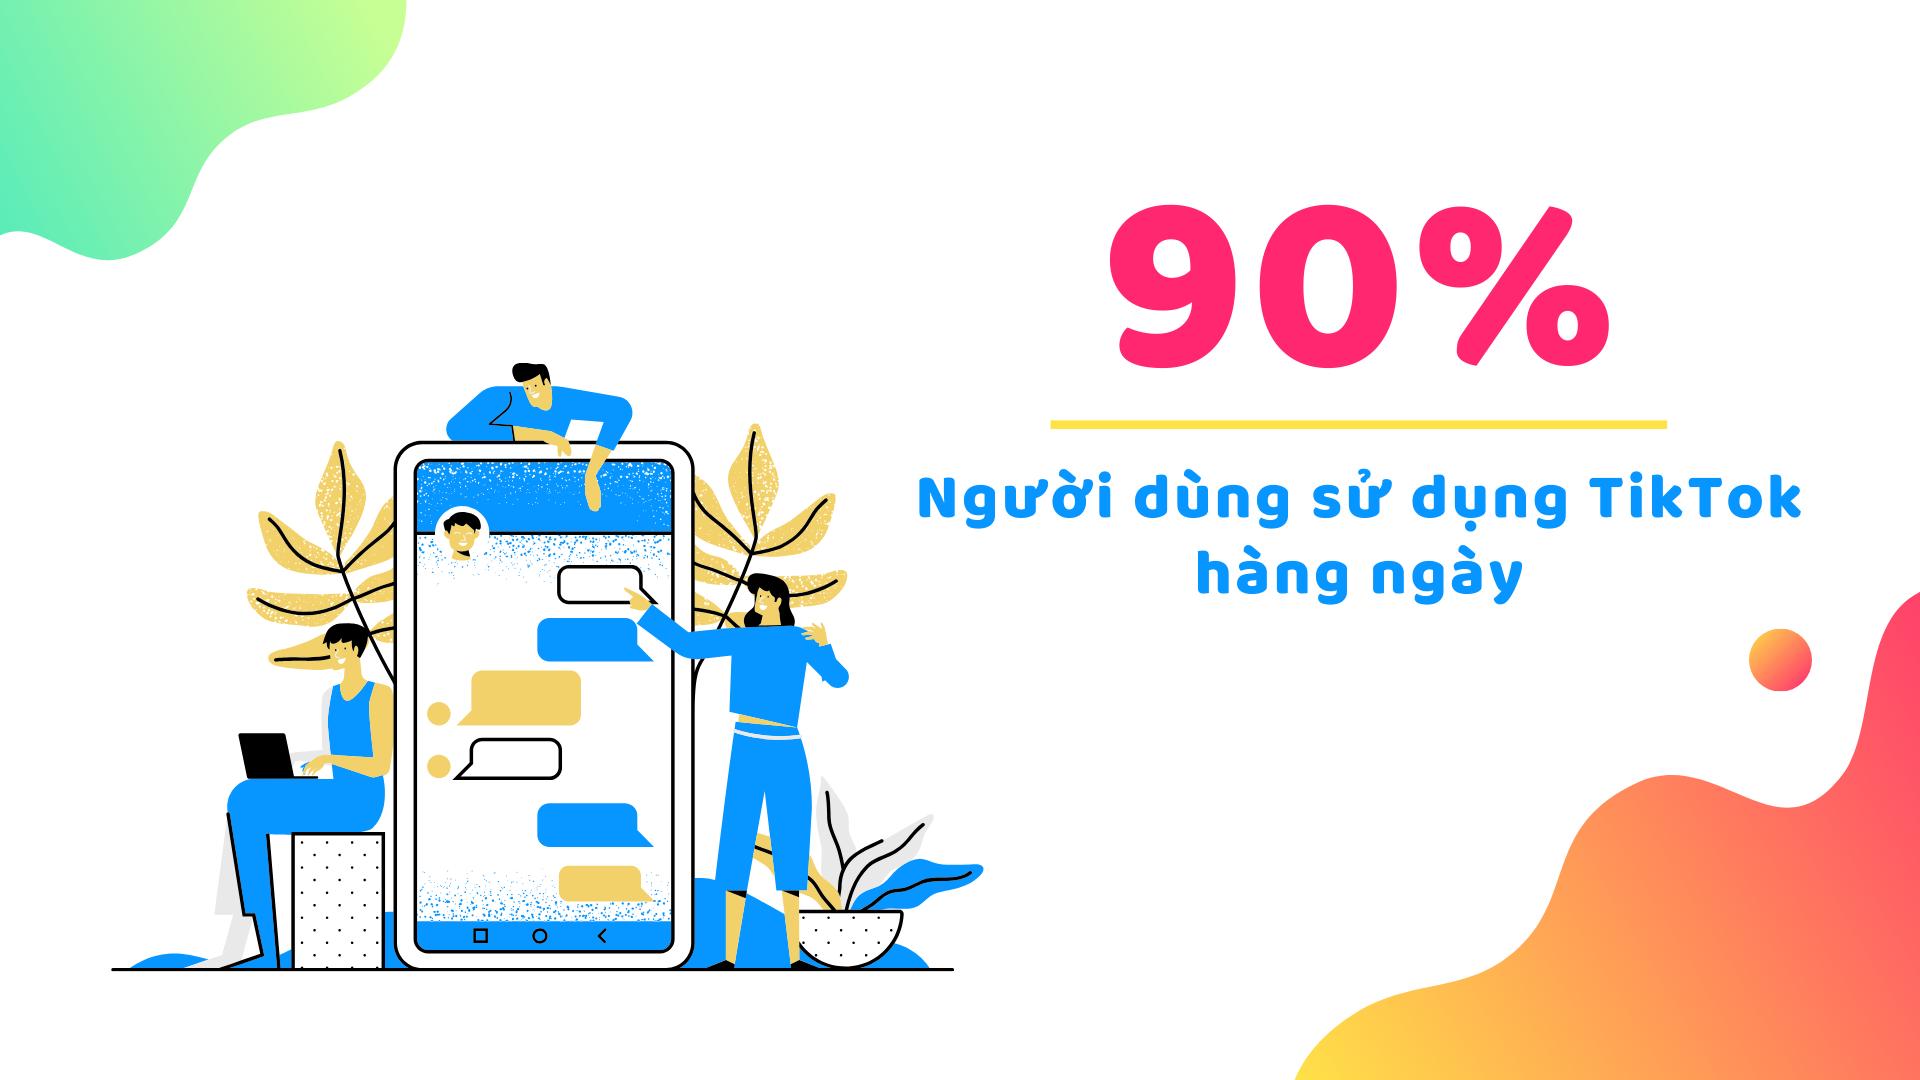 90% Người dùng sử dụng TikTok hàng ngày